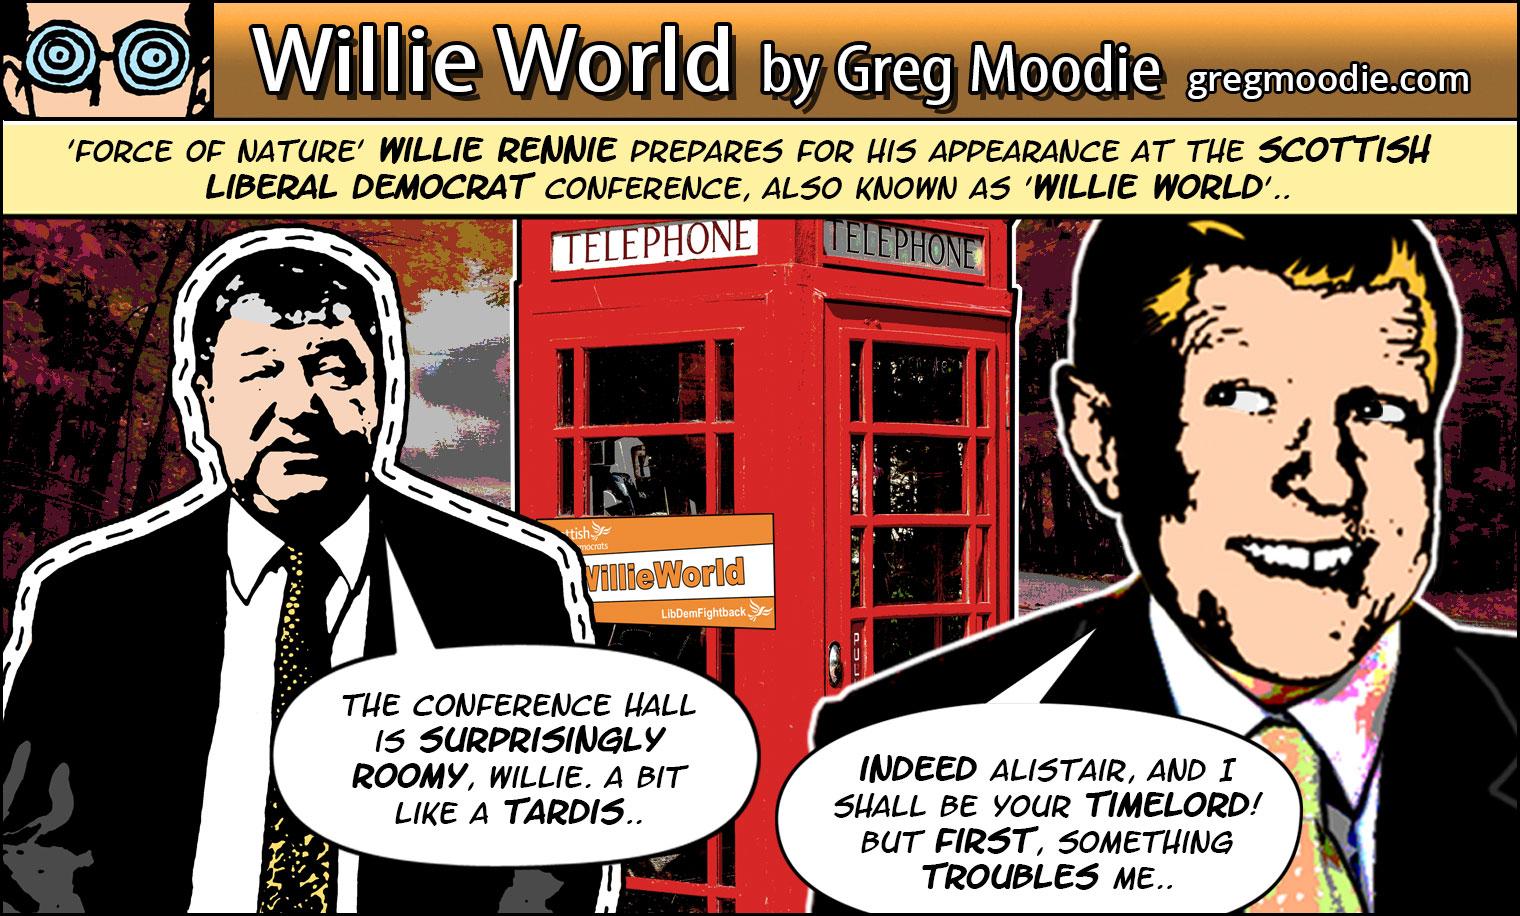 Willie World